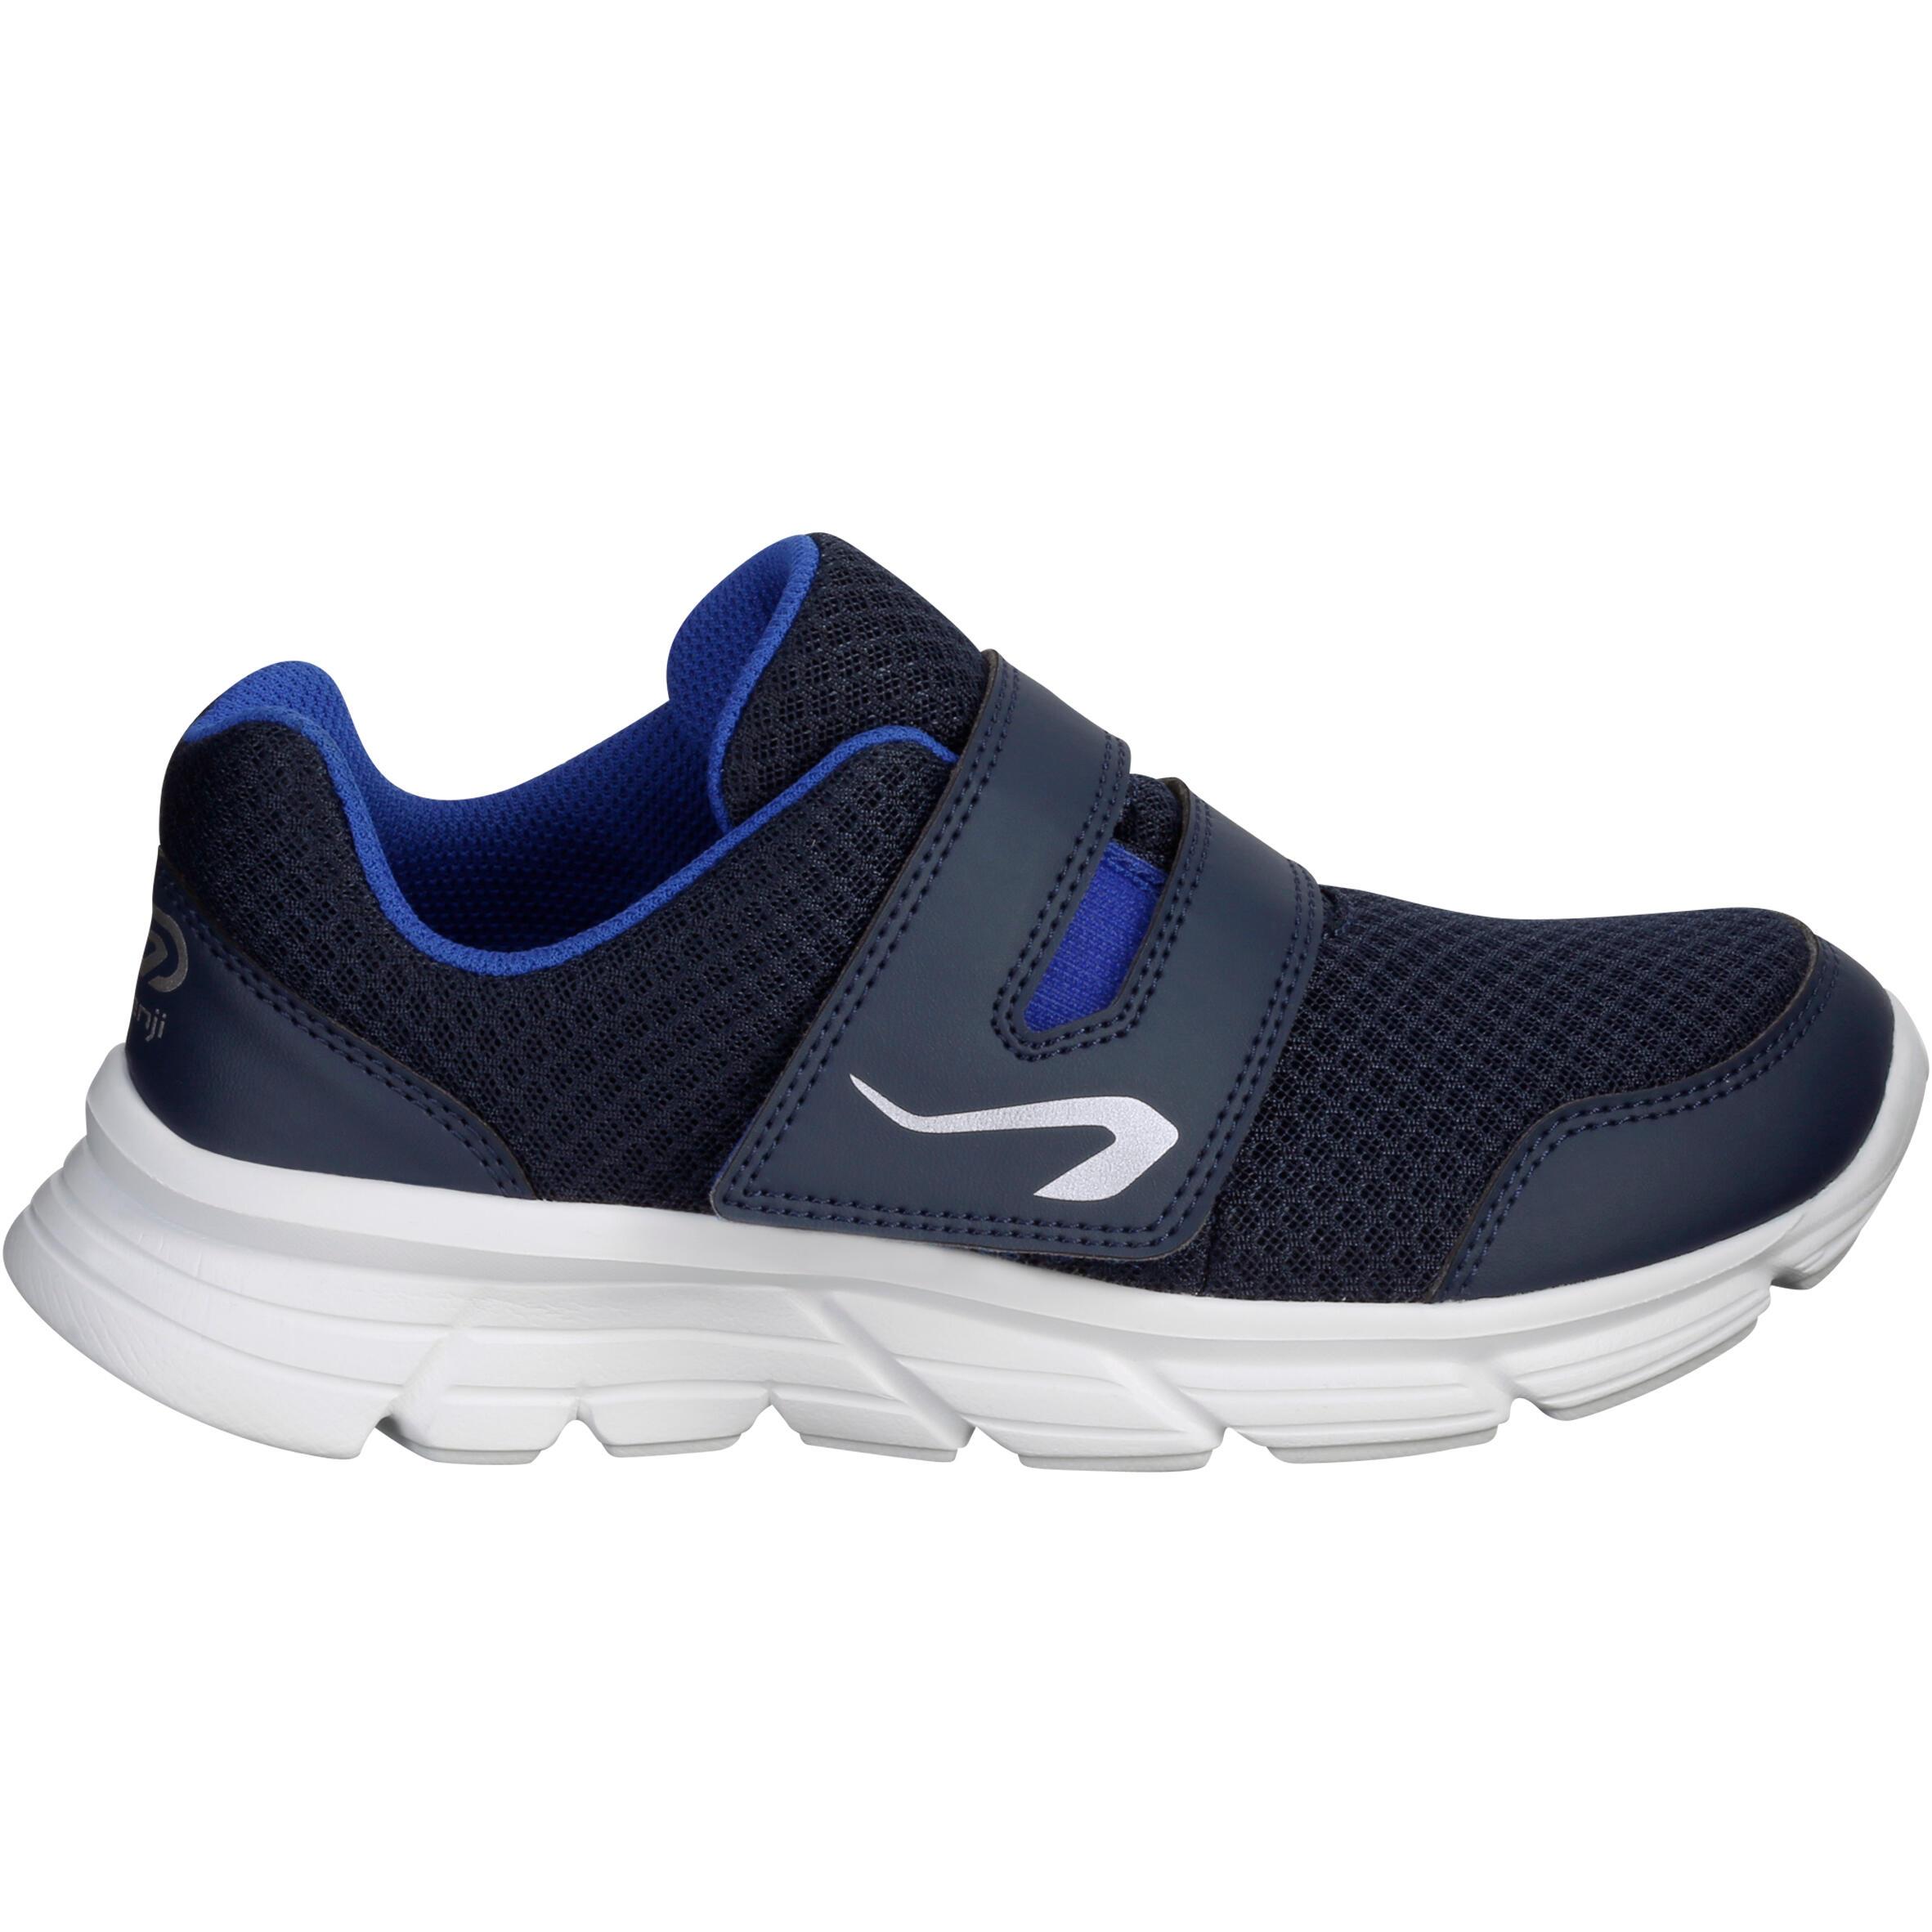 9b5ba7c9fead2 Comprar zapatillas de cross y atletismo